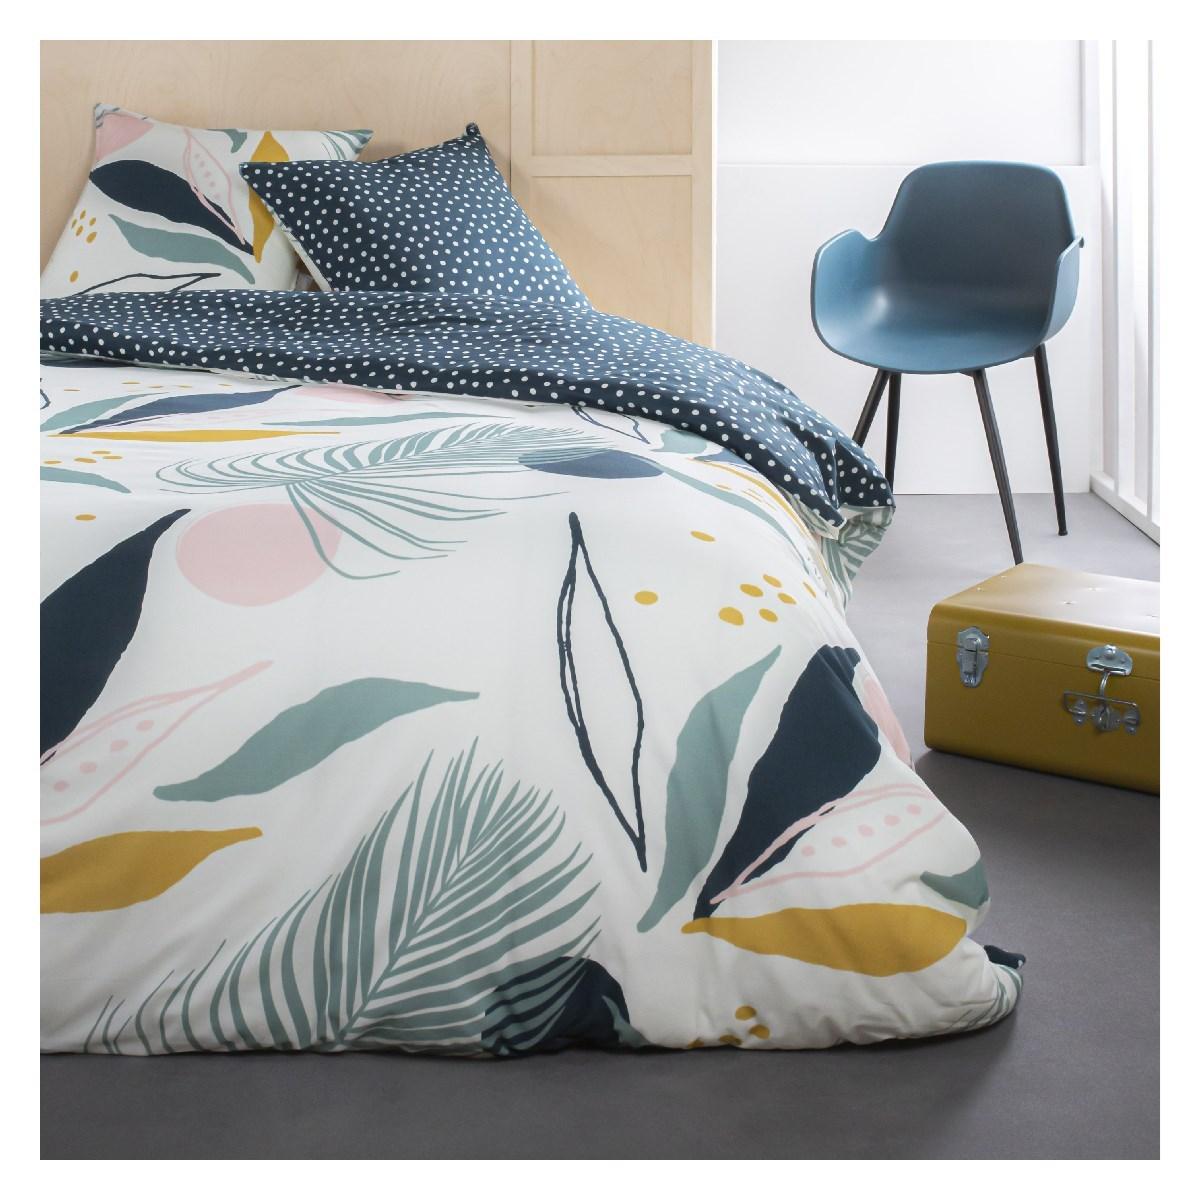 Parure de lit 2 personnes imprimé floral en Coton Blanc 240x260 cm